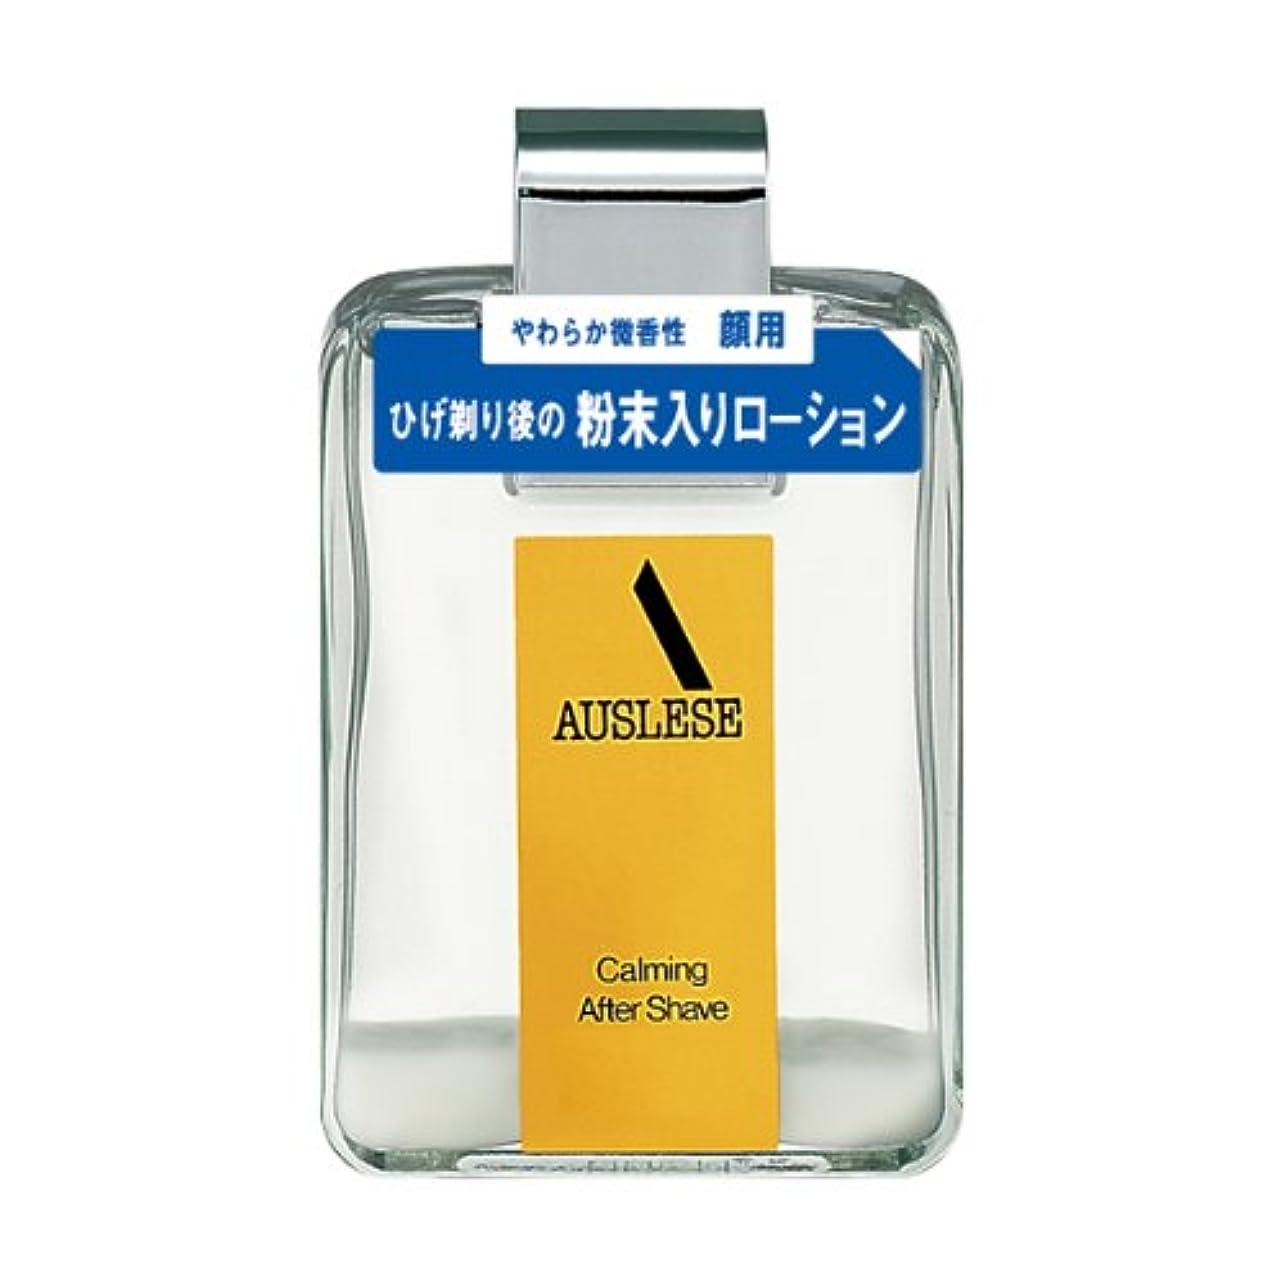 アウスレーゼ カーミングアフターシェーブN 100mL 【医薬部外品】